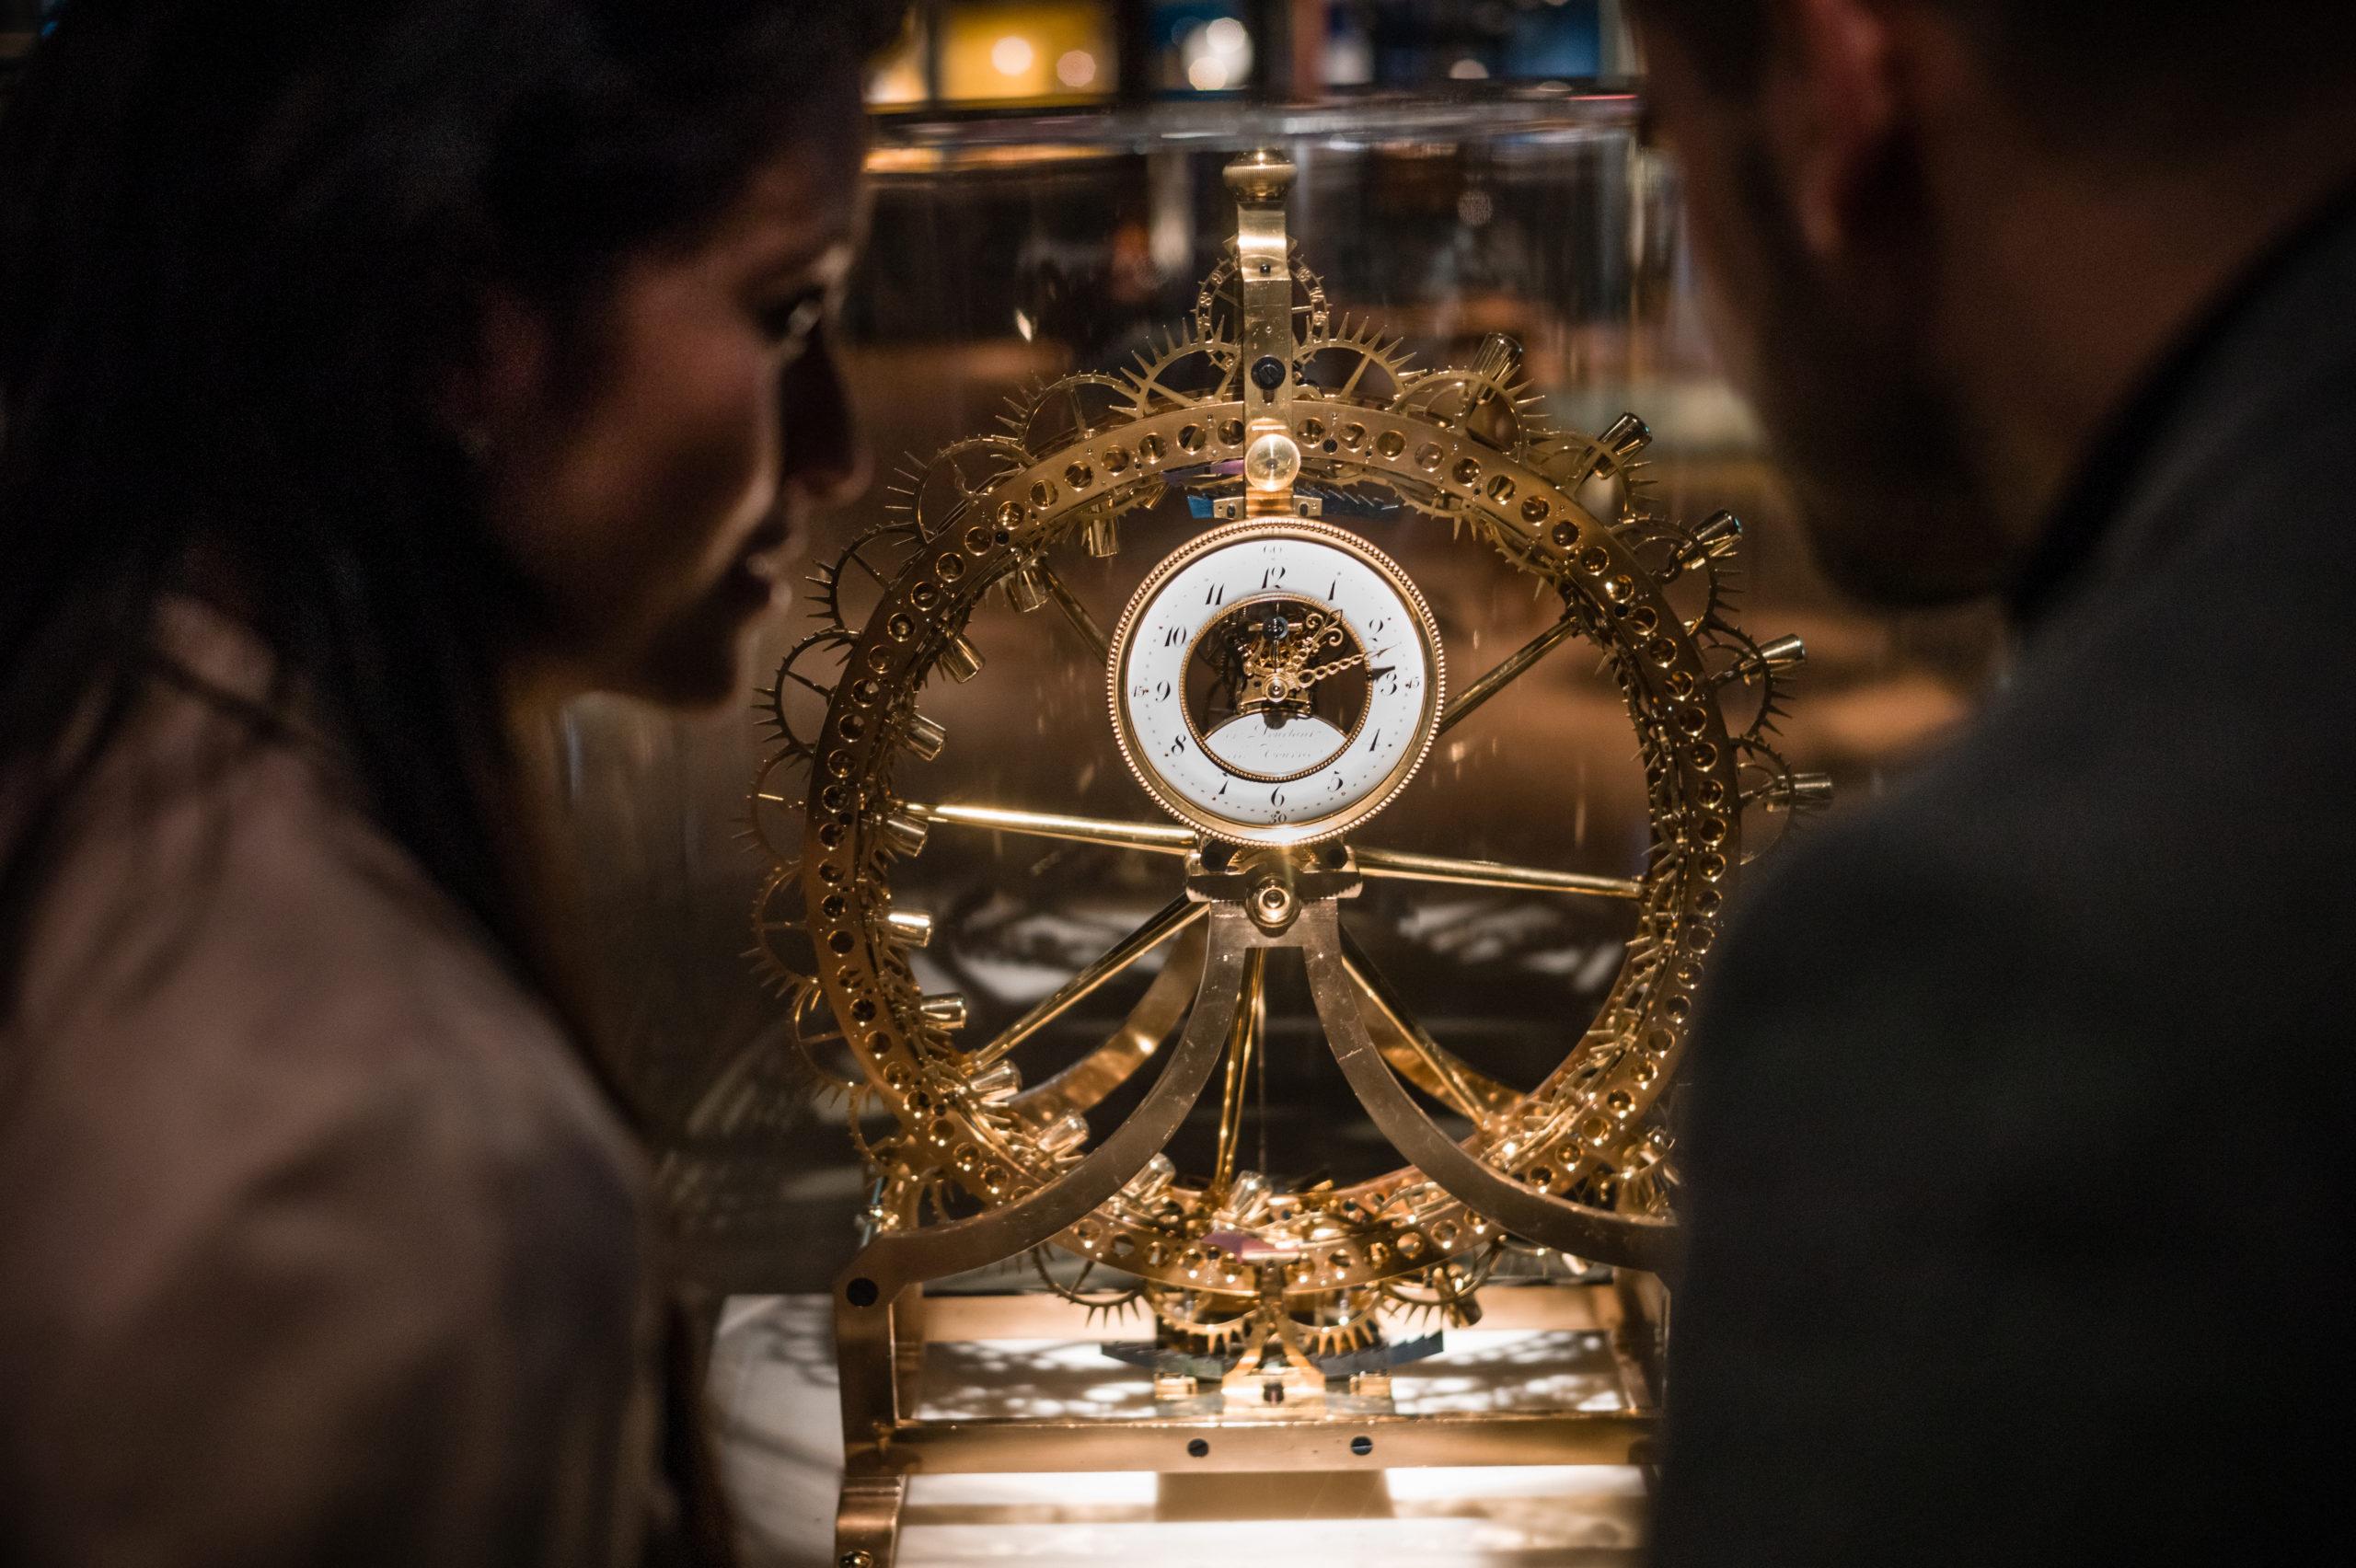 Besuch des Internationalen Uhrmachermuseums